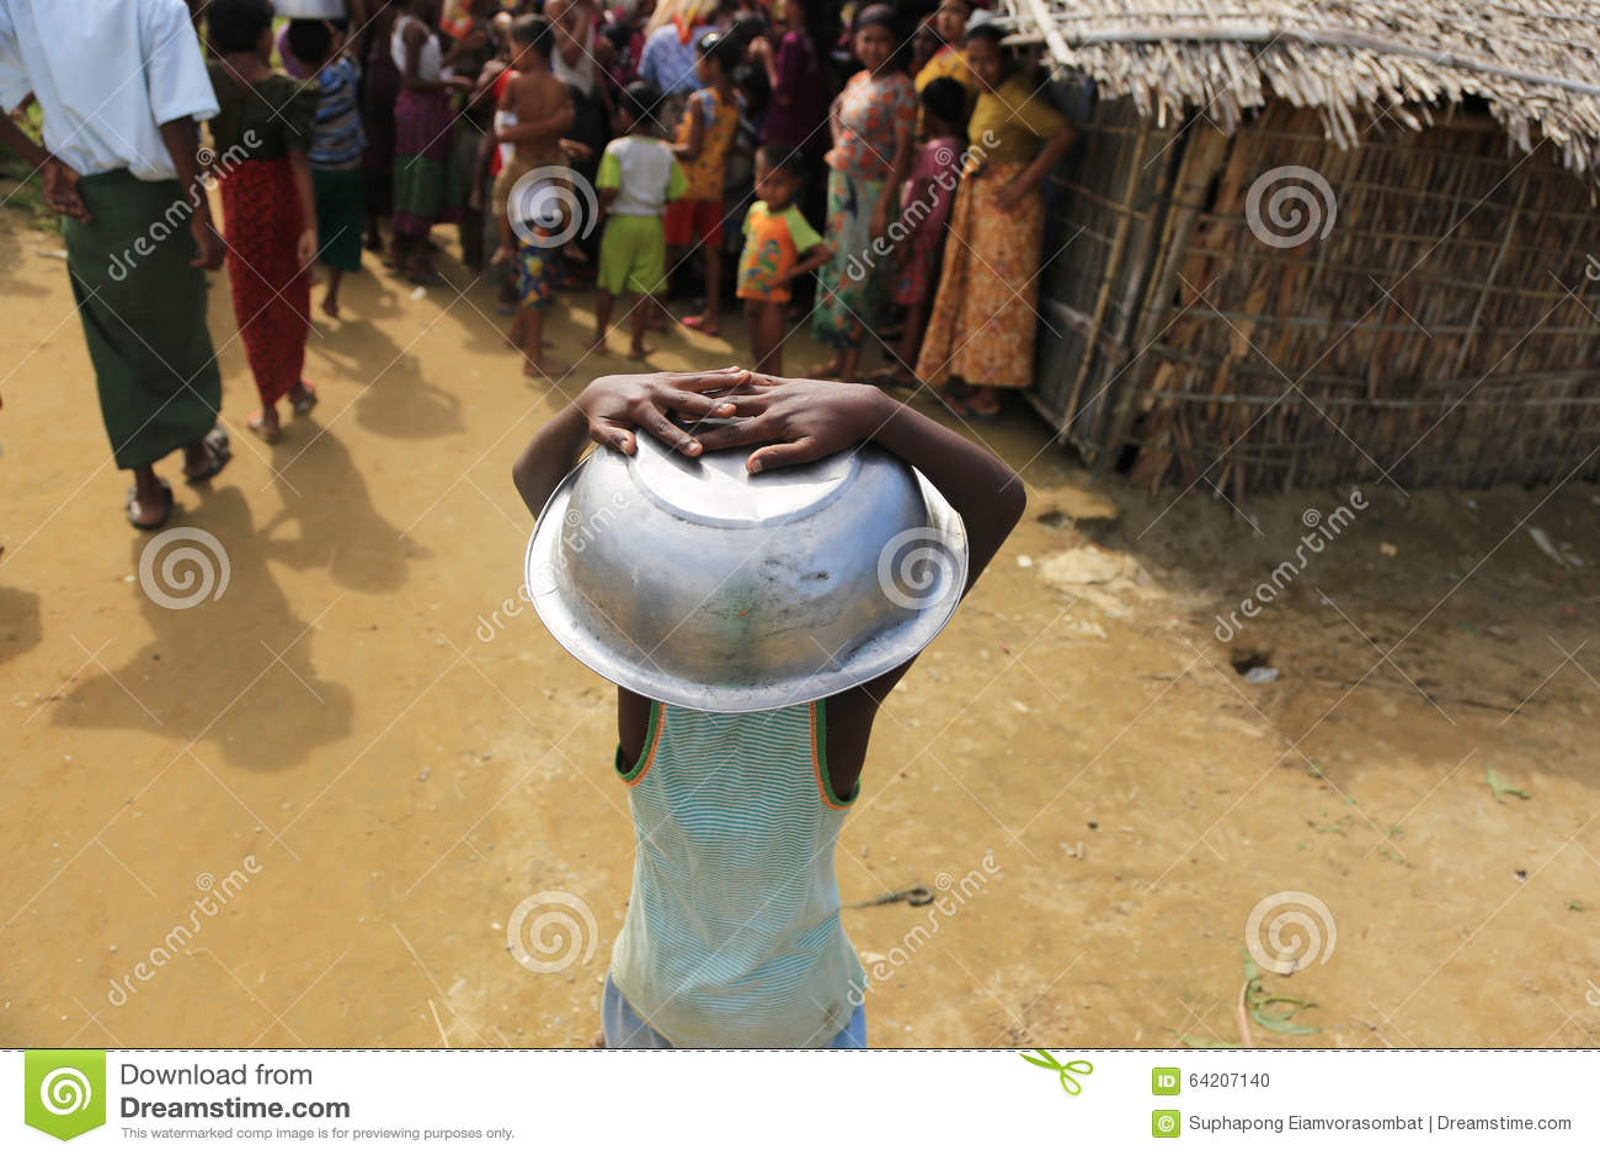 ESTADO DE RAKHINE, MYANMAR - 5 DE NOVIEMBRE: Los centenares de musulmanes Rohingya están sufriendo la desnutrición severa en camp